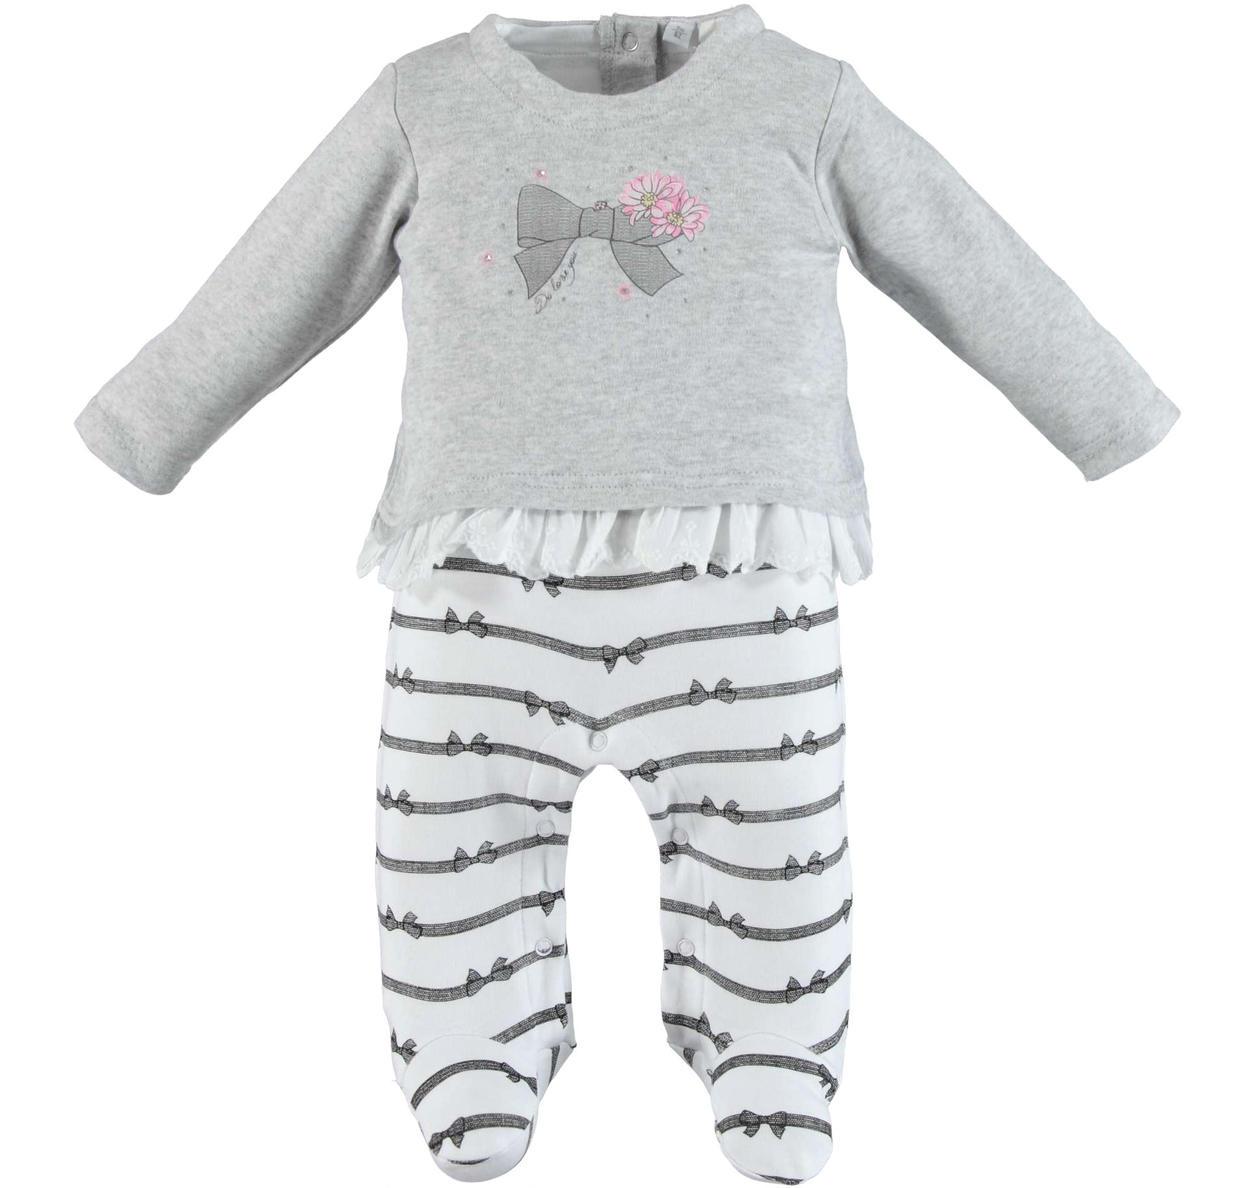 31a0a9654f Tutina intera 100% cotone leggero per neonata da 0 a 18 mesi iDO ...